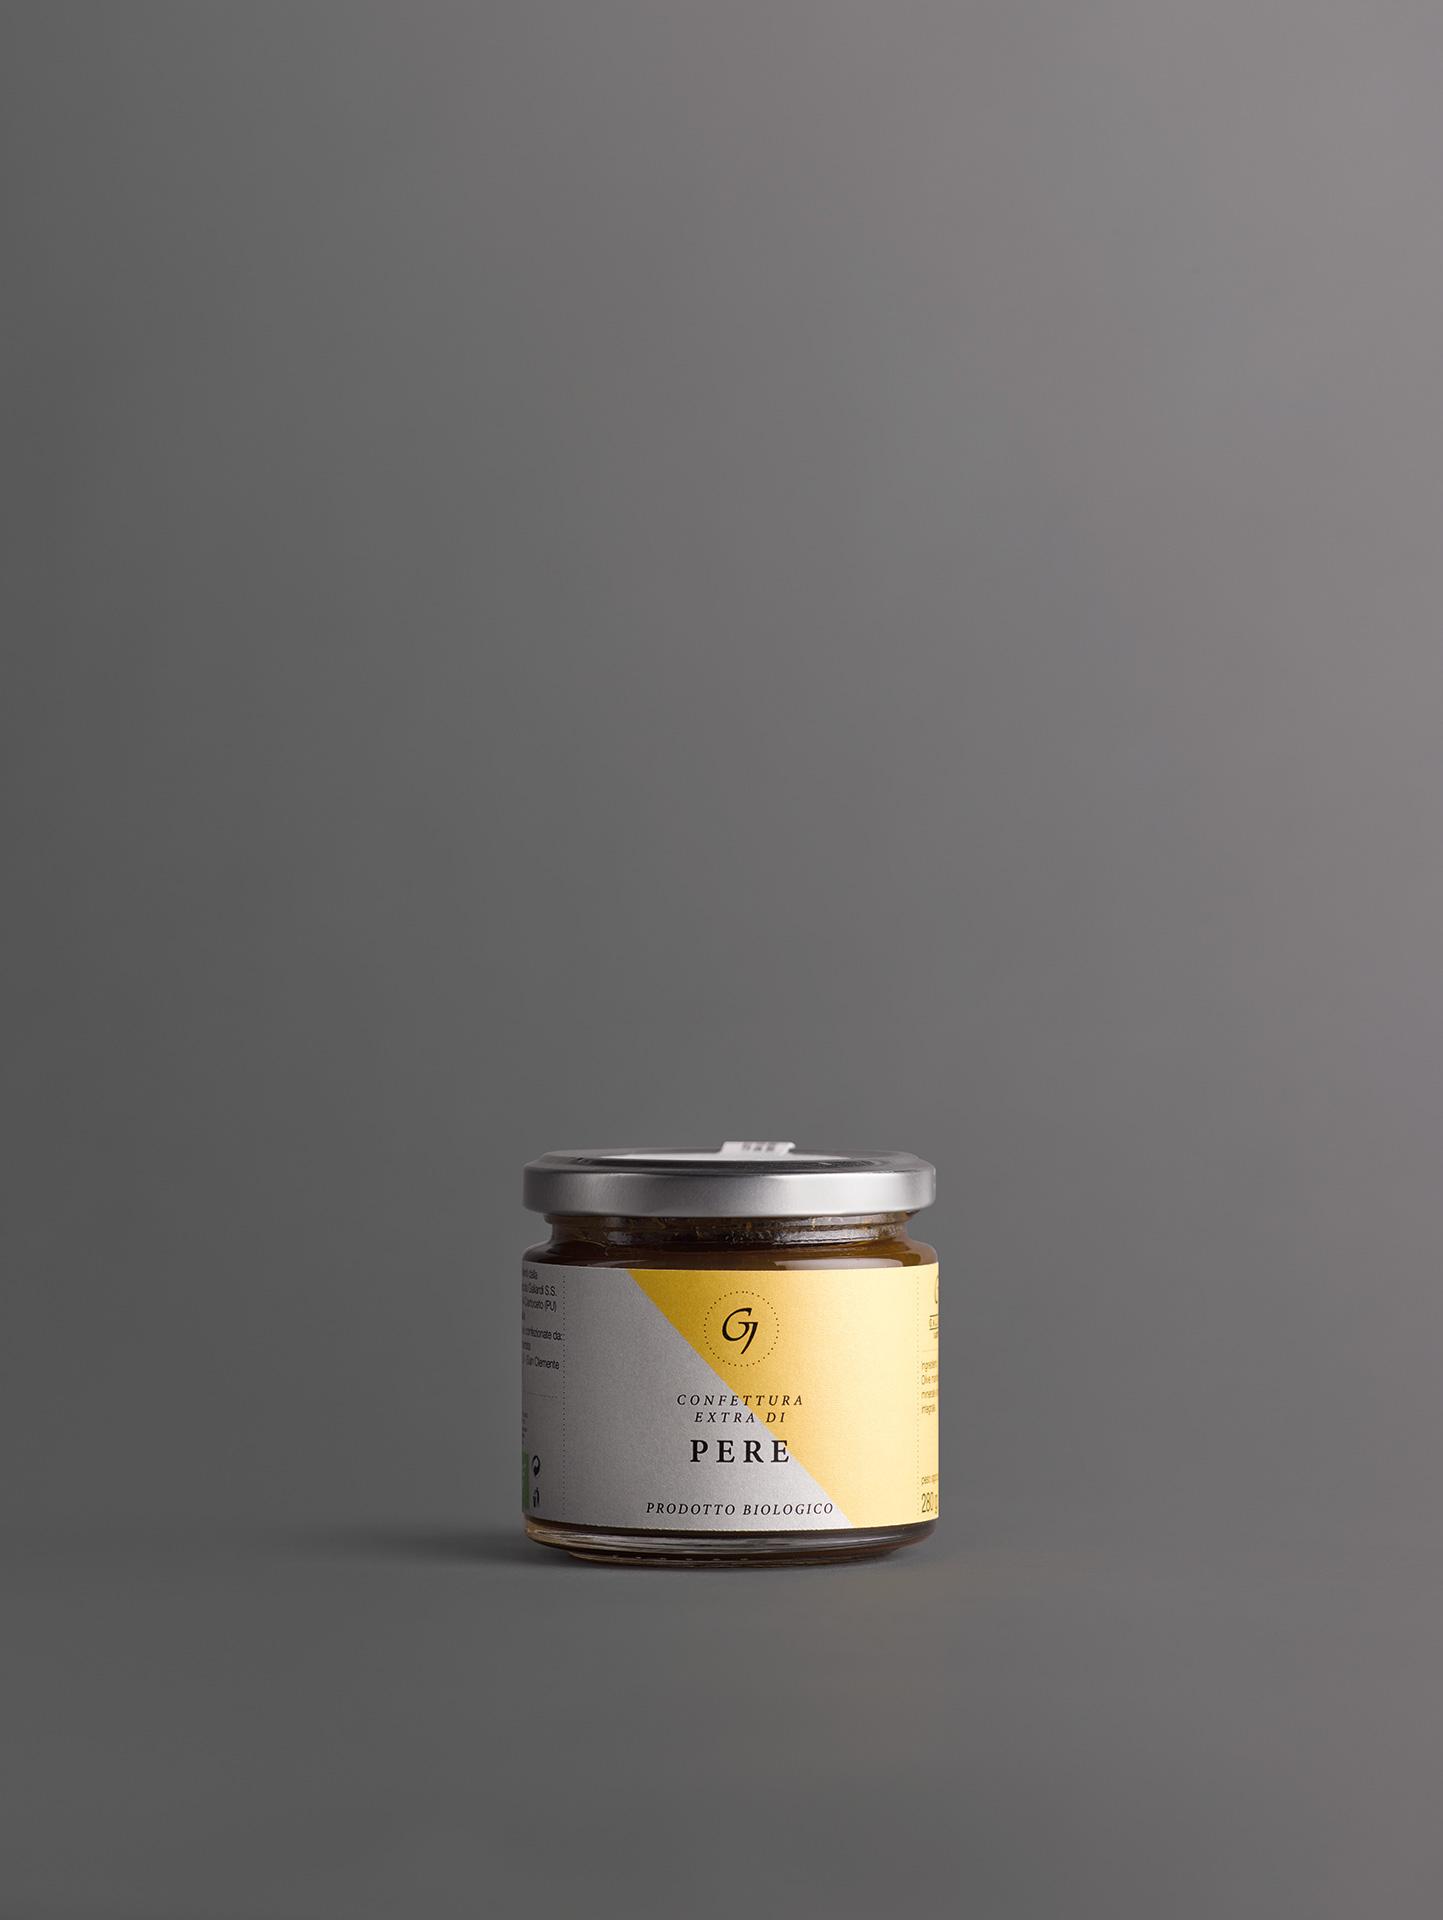 GALIARDI – Azienda Agricola Cartoceto – Pere Confettura Extra